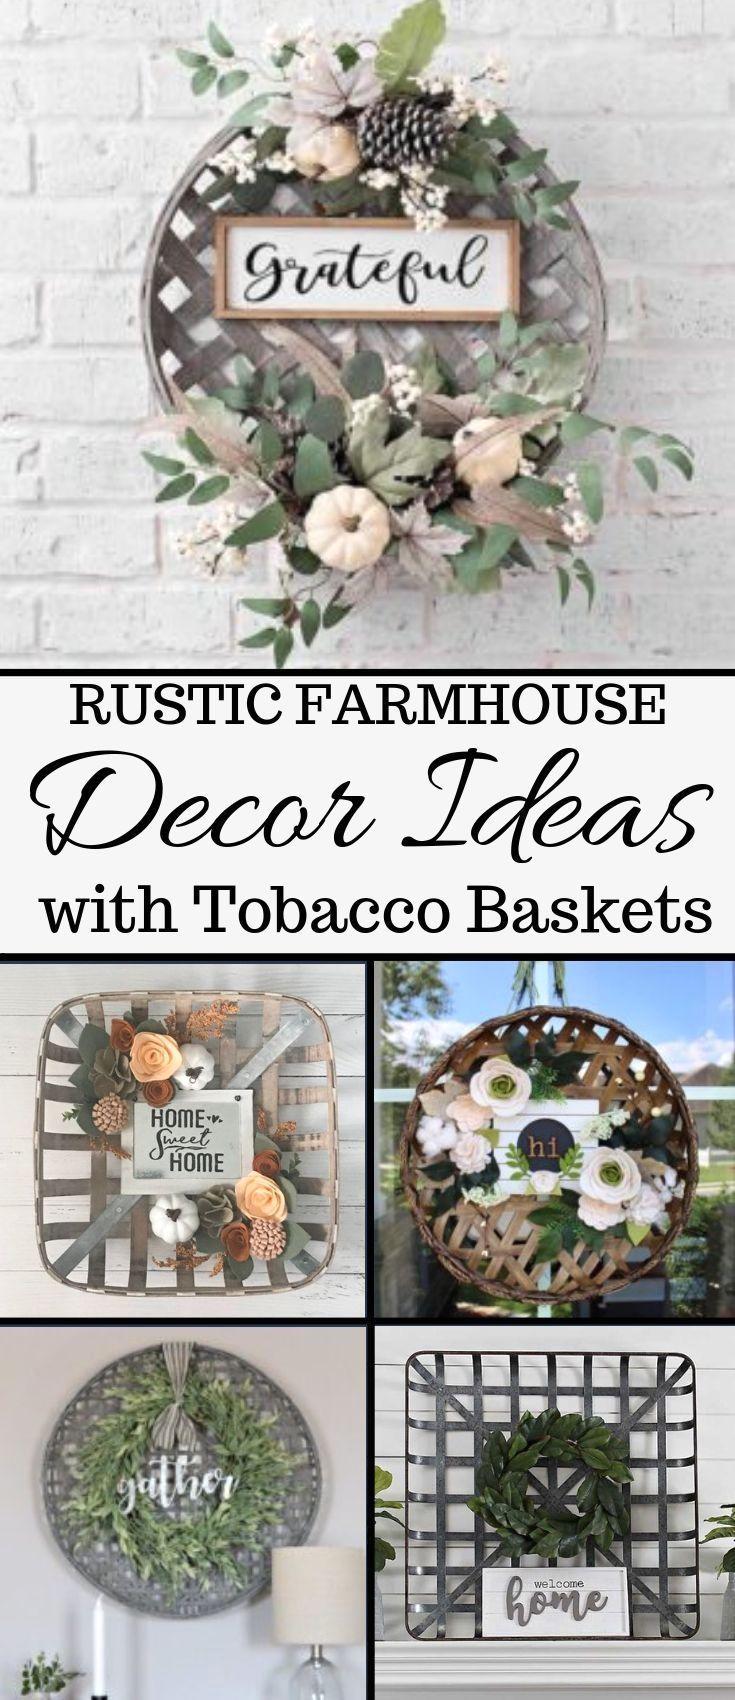 Tobacco Basket Decor Ideas My Cozy Colorado In 2020 Tobacco Basket Decor Diy Rustic Decor Rustic Diy